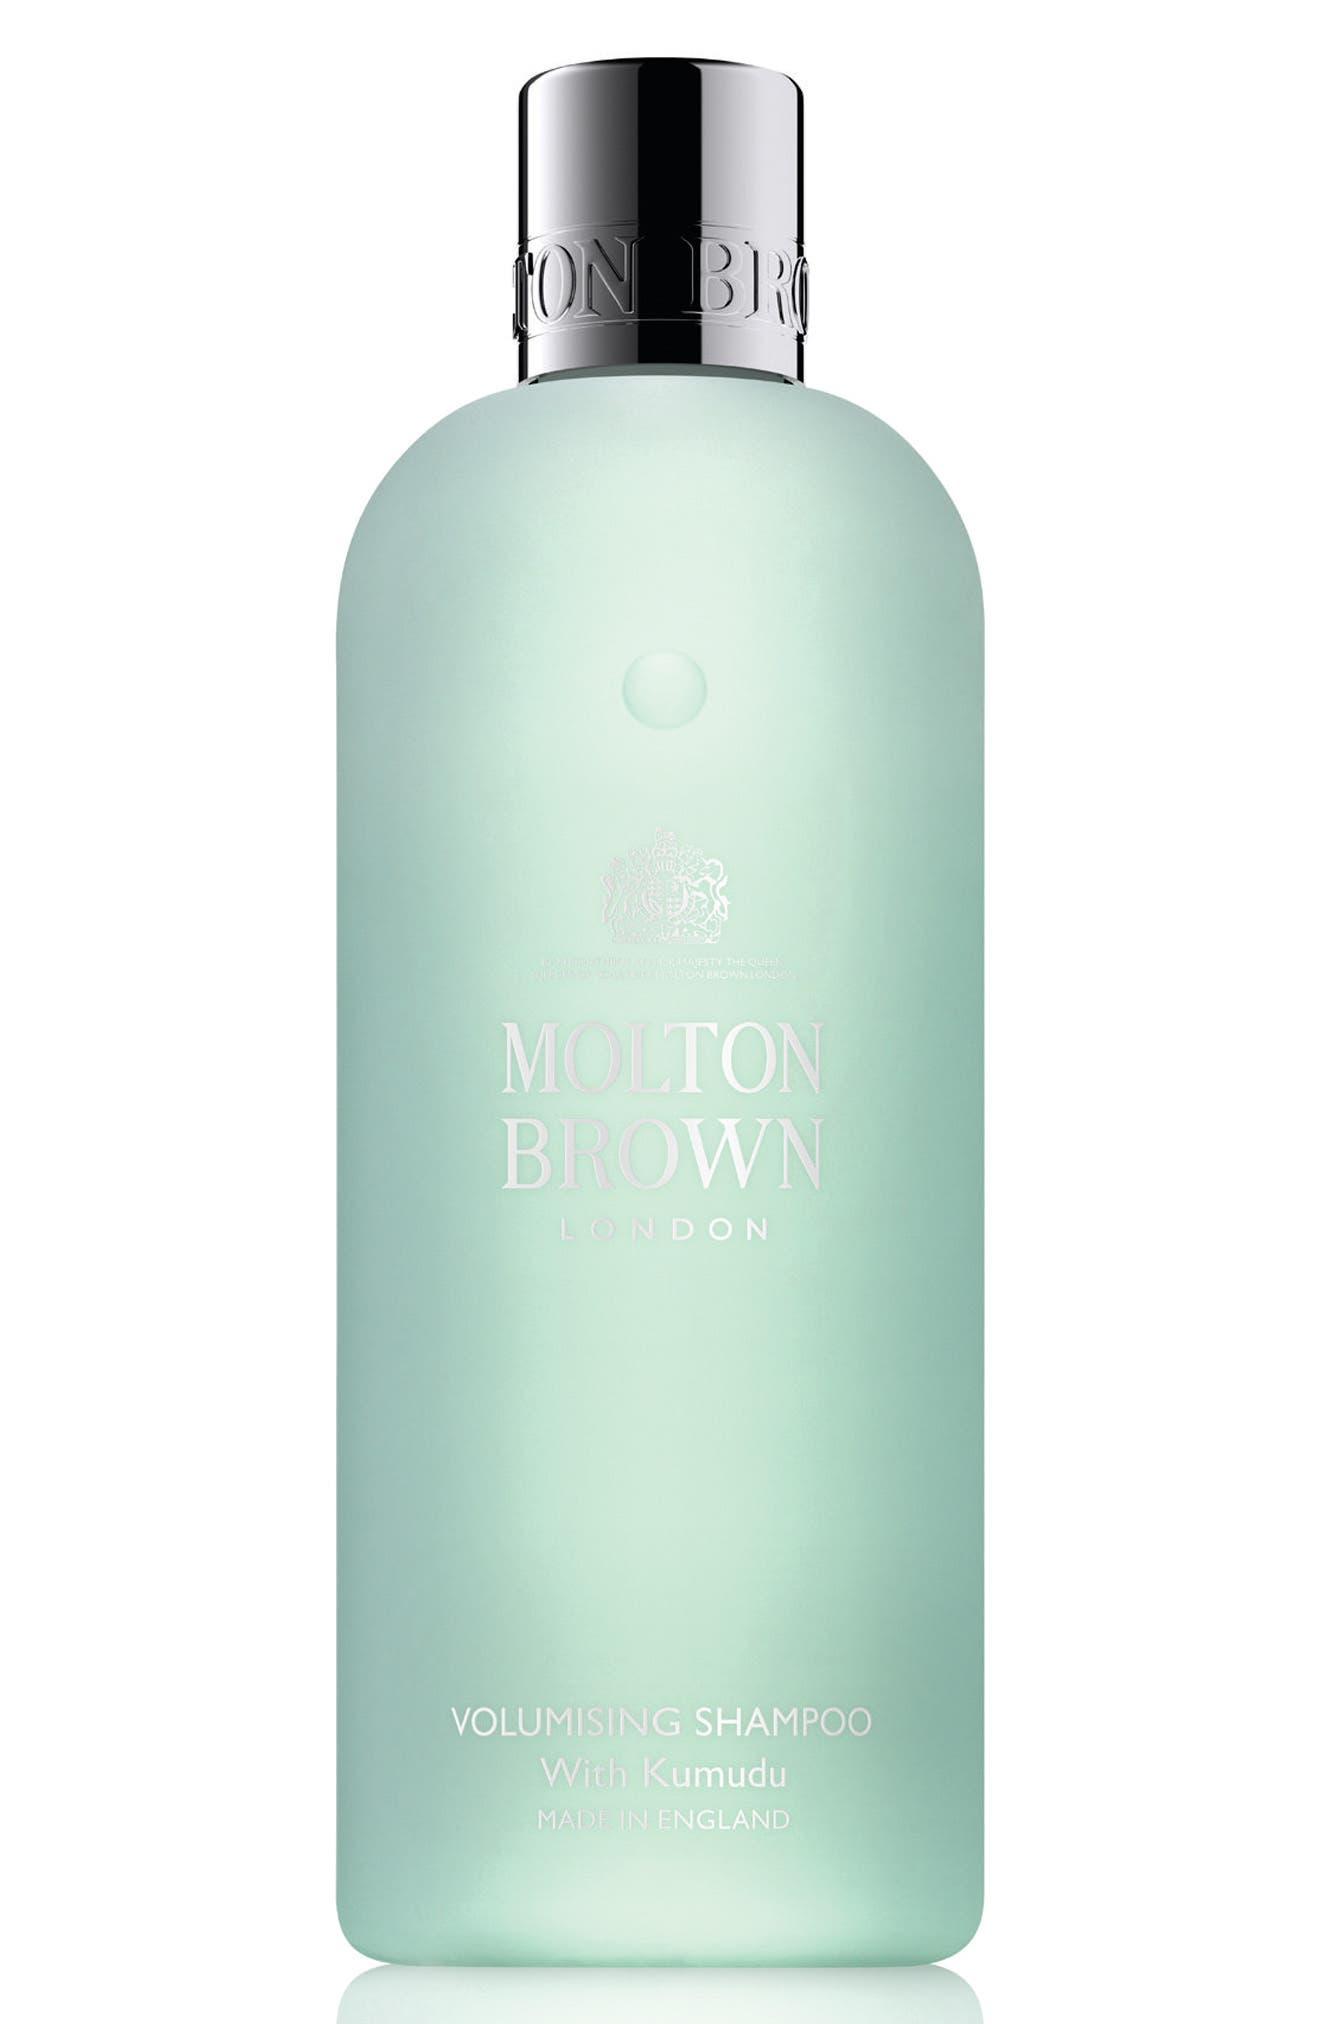 Main Image - MOLTON BROWN London Volumizing Shampoo with Kumudu